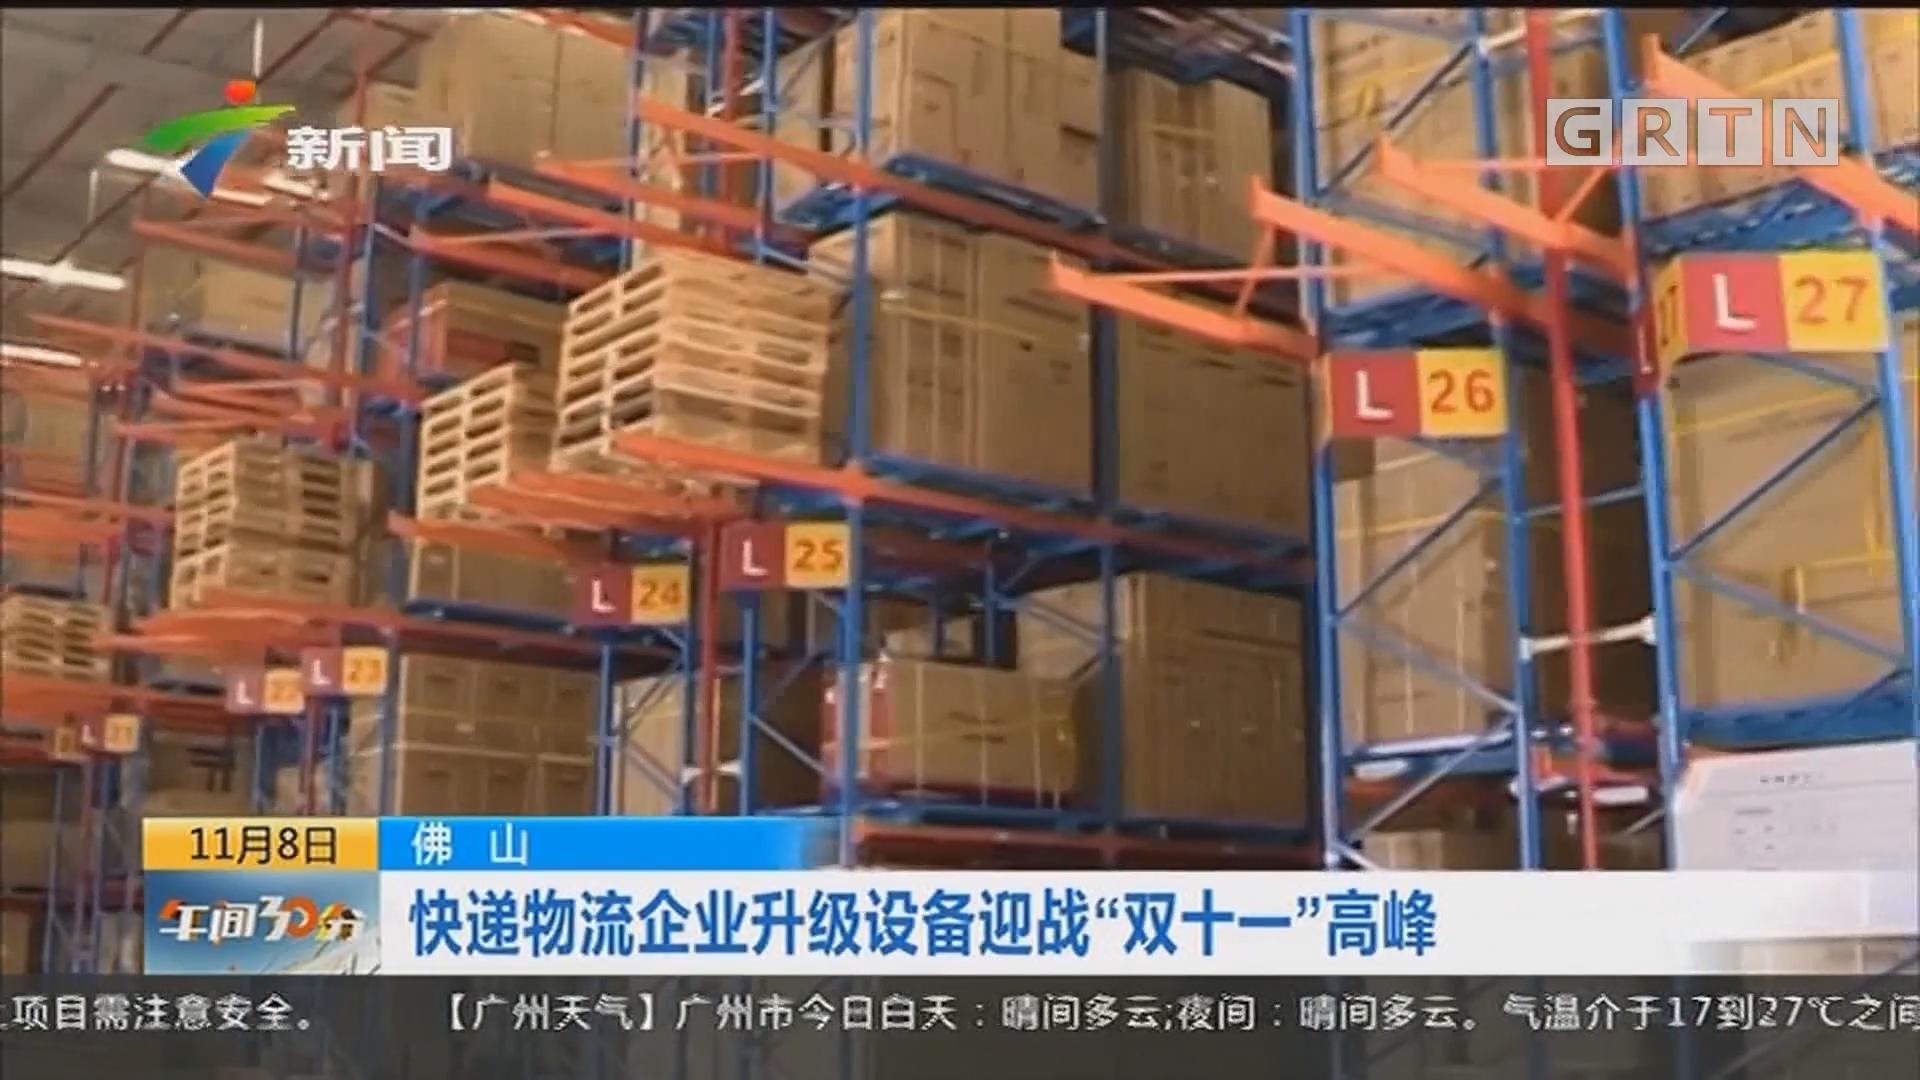 """佛山:快递物流企业升级设备迎战""""双十一""""高峰"""